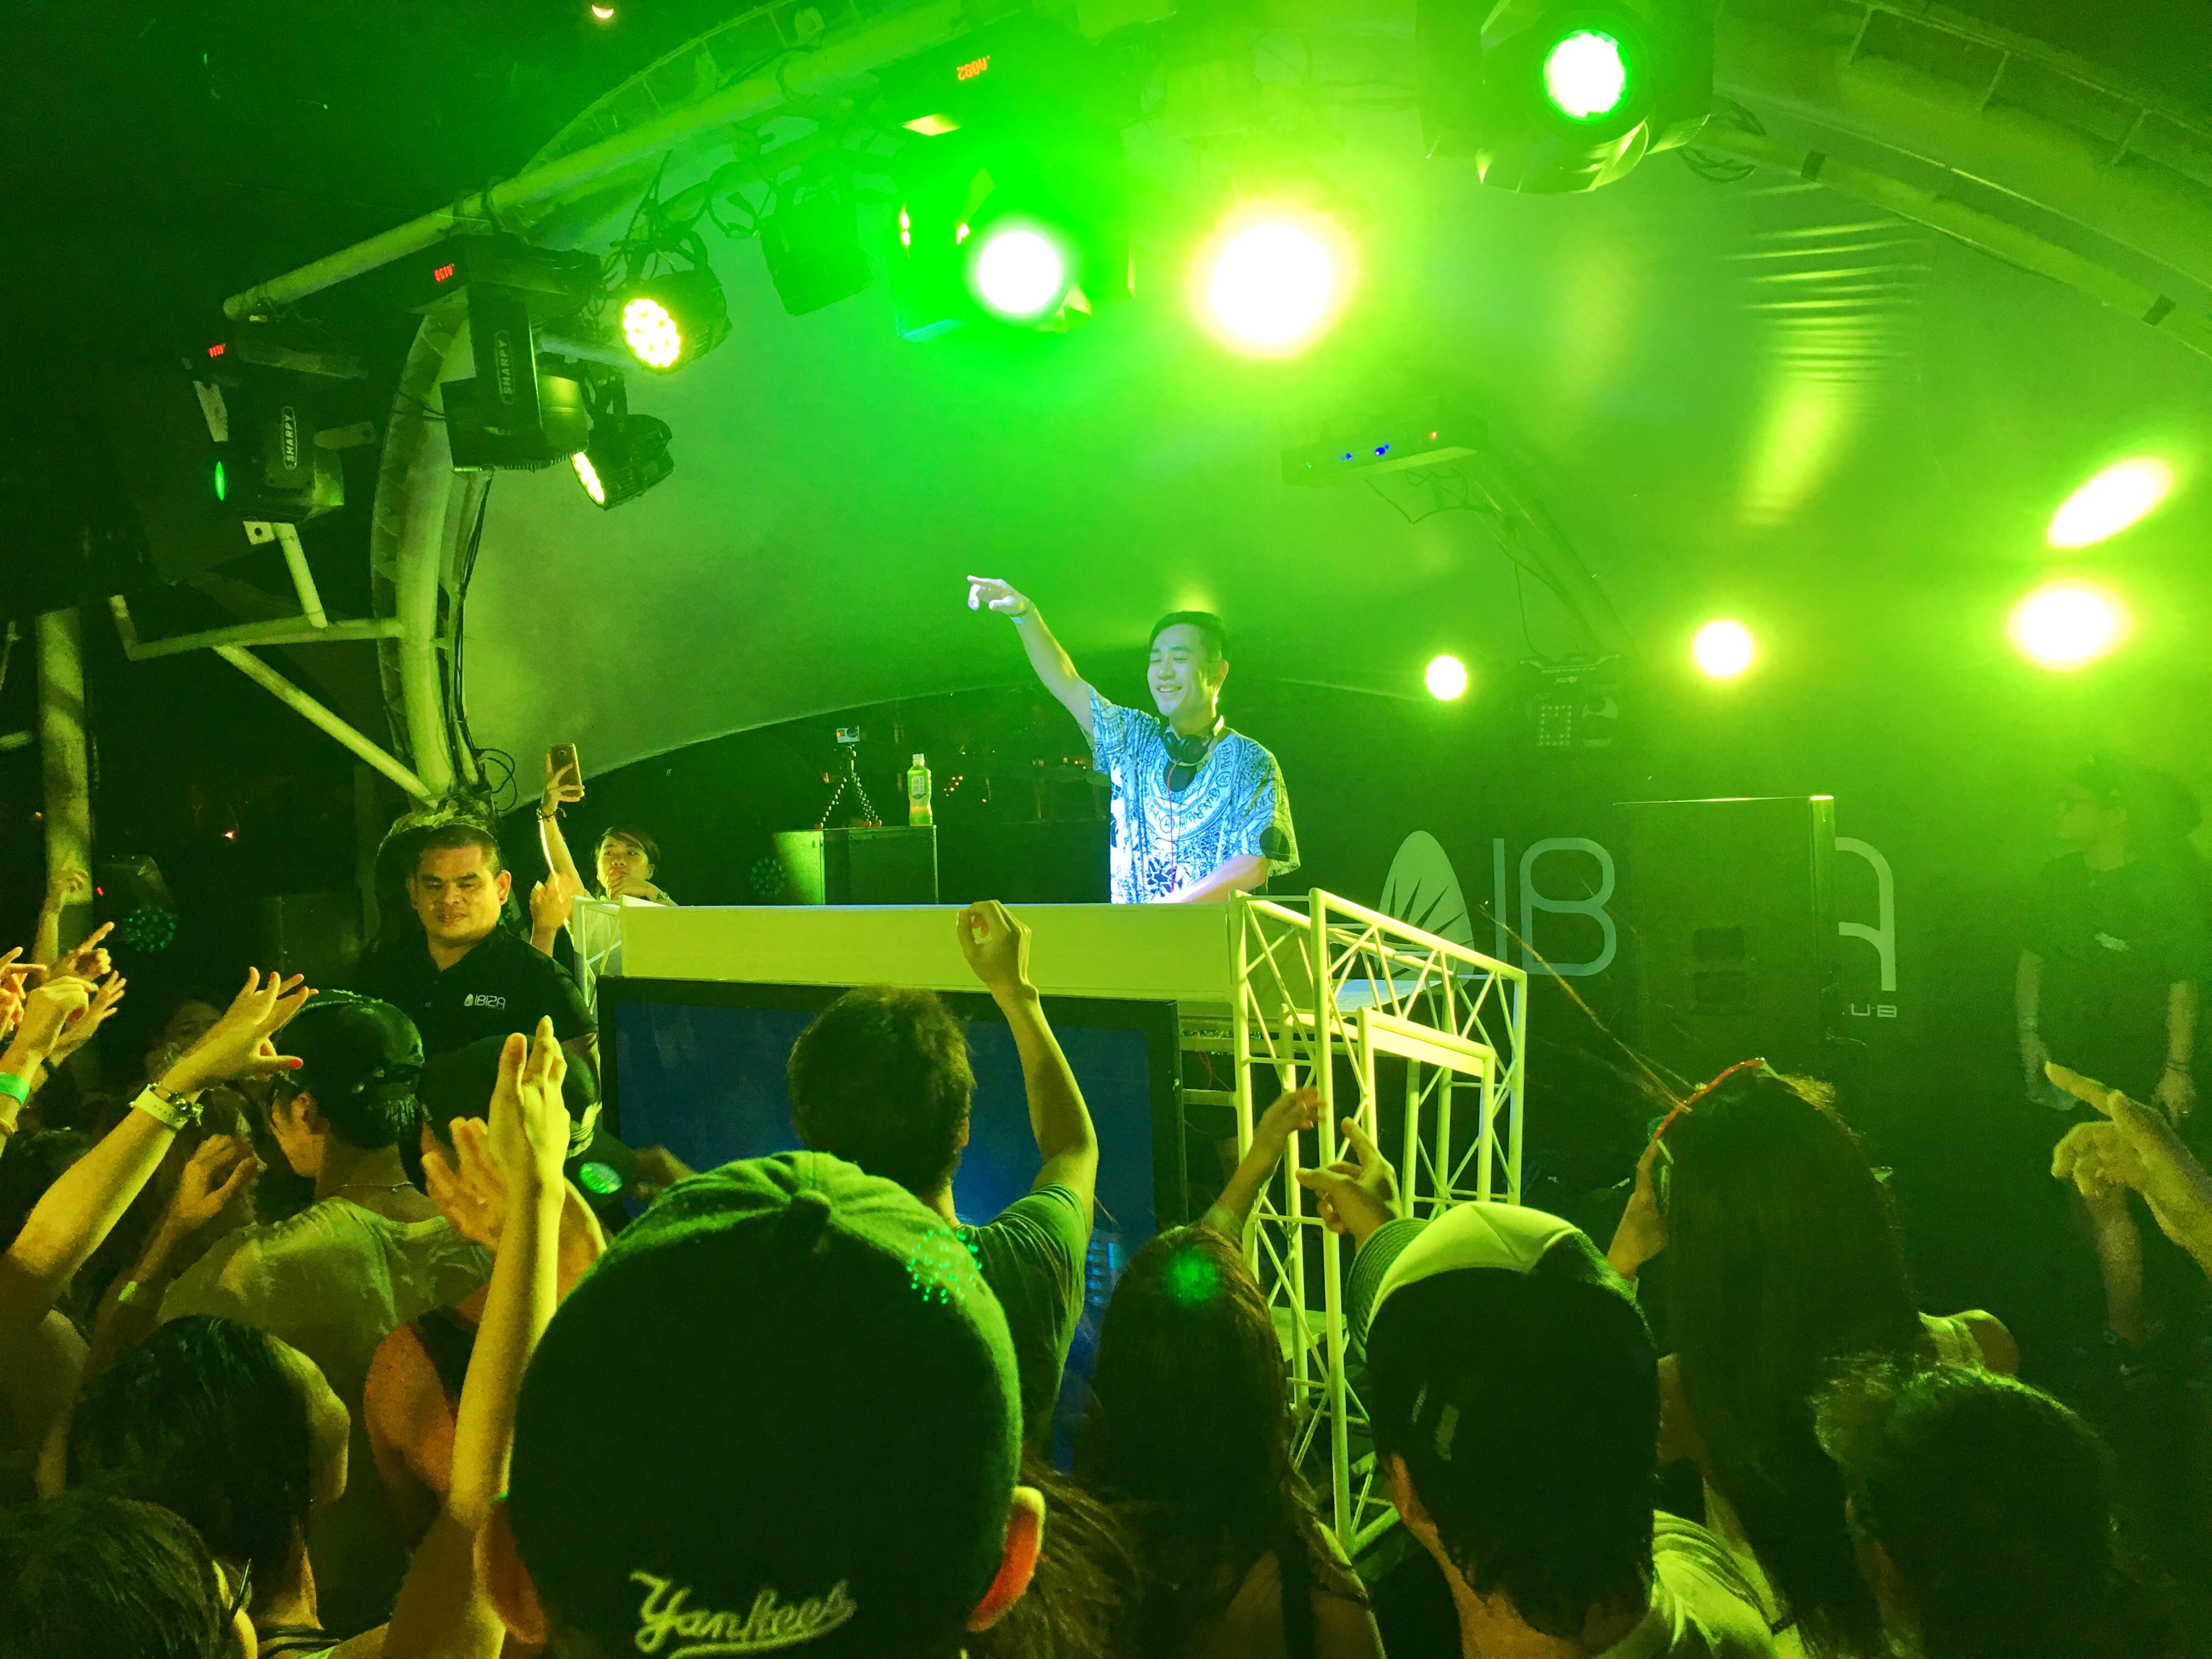 セブ島ビーチパーティーVol.8~Electro beach festival 2017~